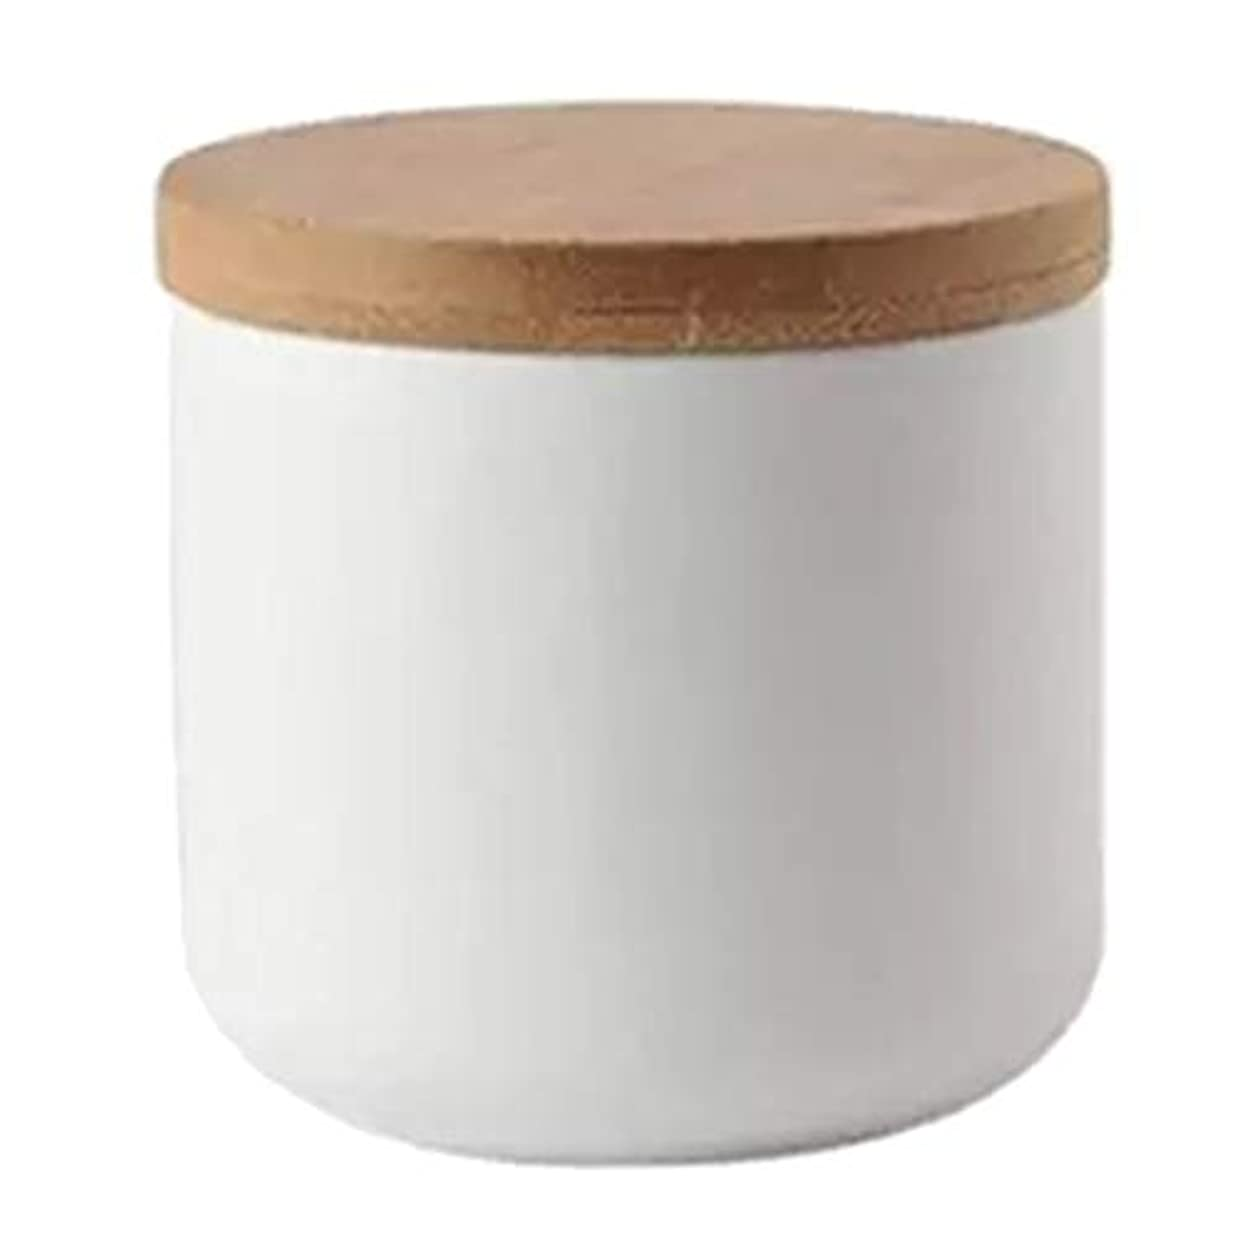 中国パッチモスクネイルリキッドコンテナ ボウル パウダー ドライグッズ ルーズティーリーフ 化粧品 収納ポット 全2色 - 白い